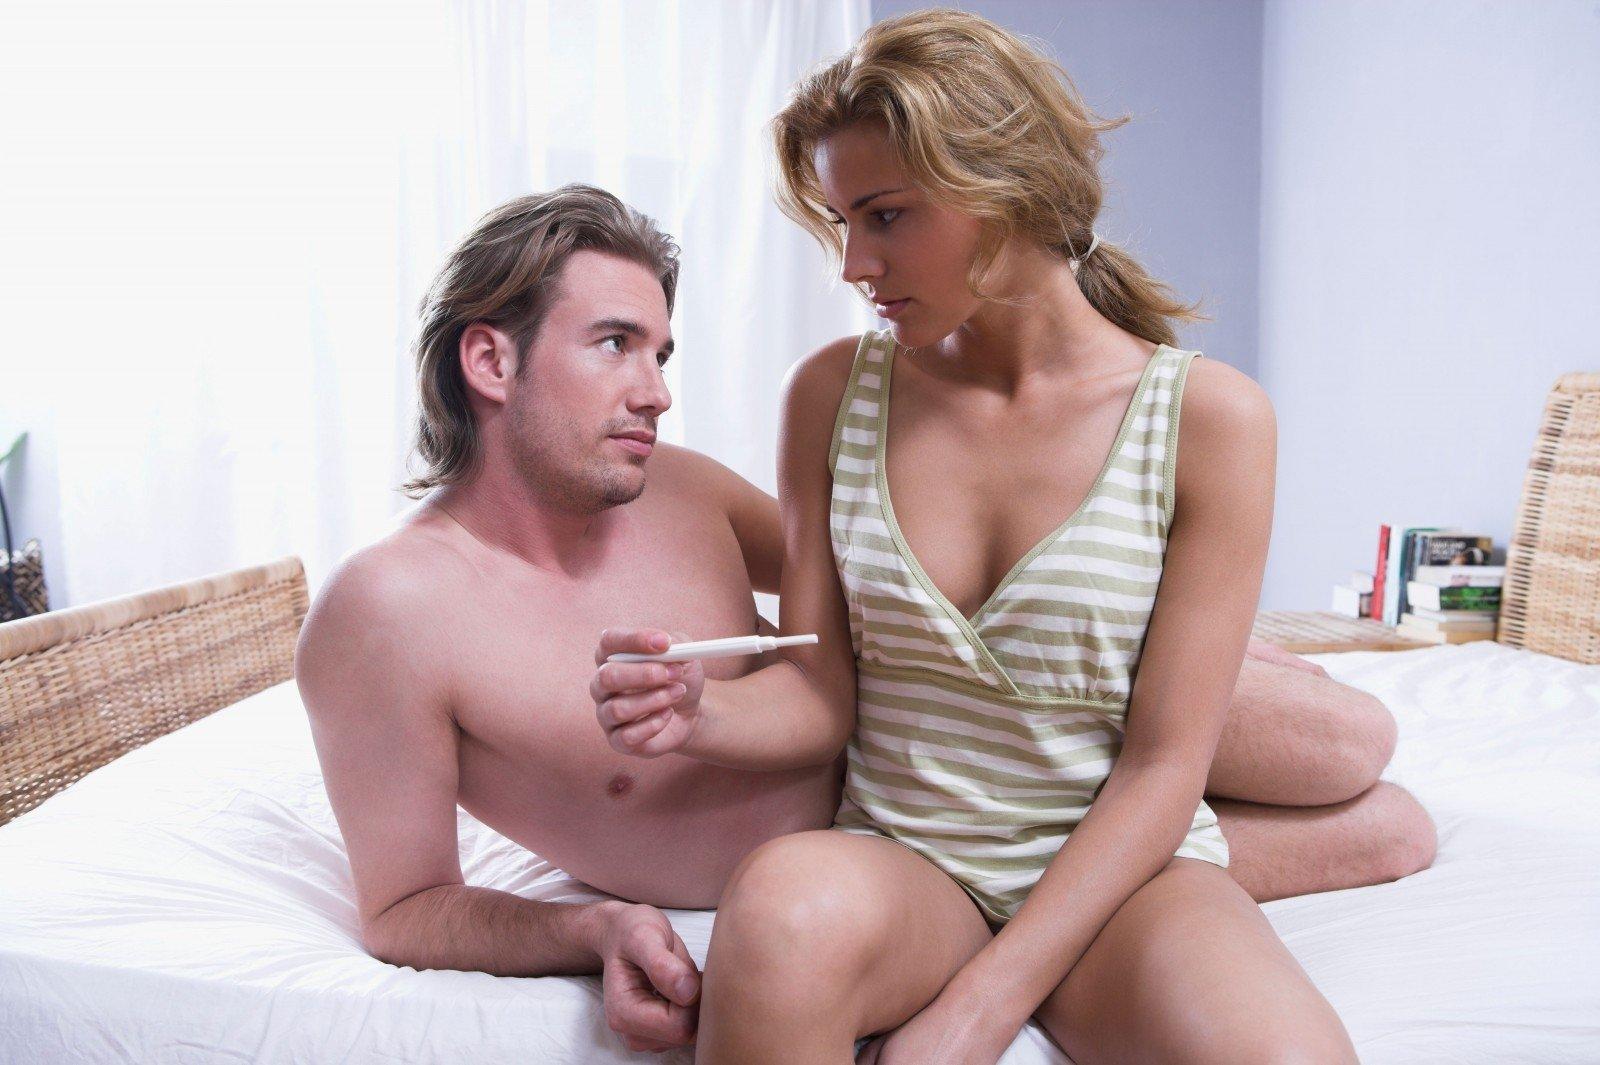 Трахает молодую сочную, Молодые порно видео. Секс с молодыми девушками 14 фотография